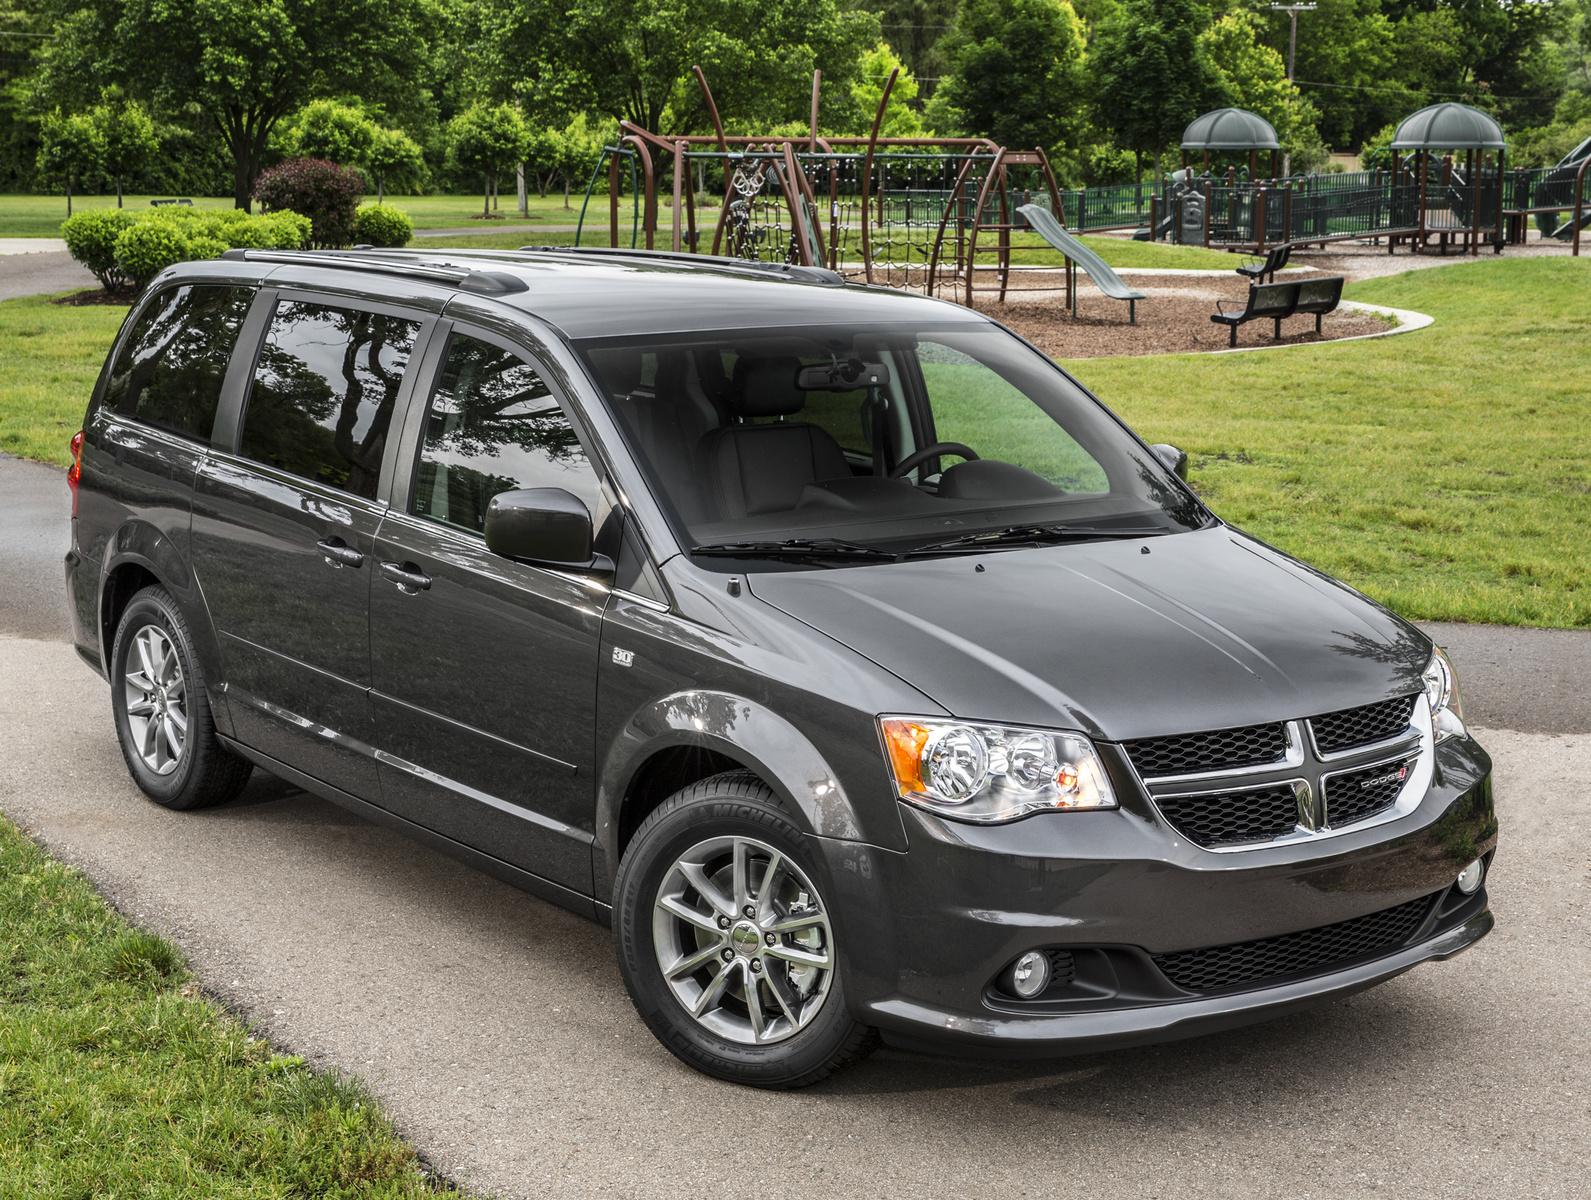 2014 Dodge Grand Caravan - Overview - CarGurus